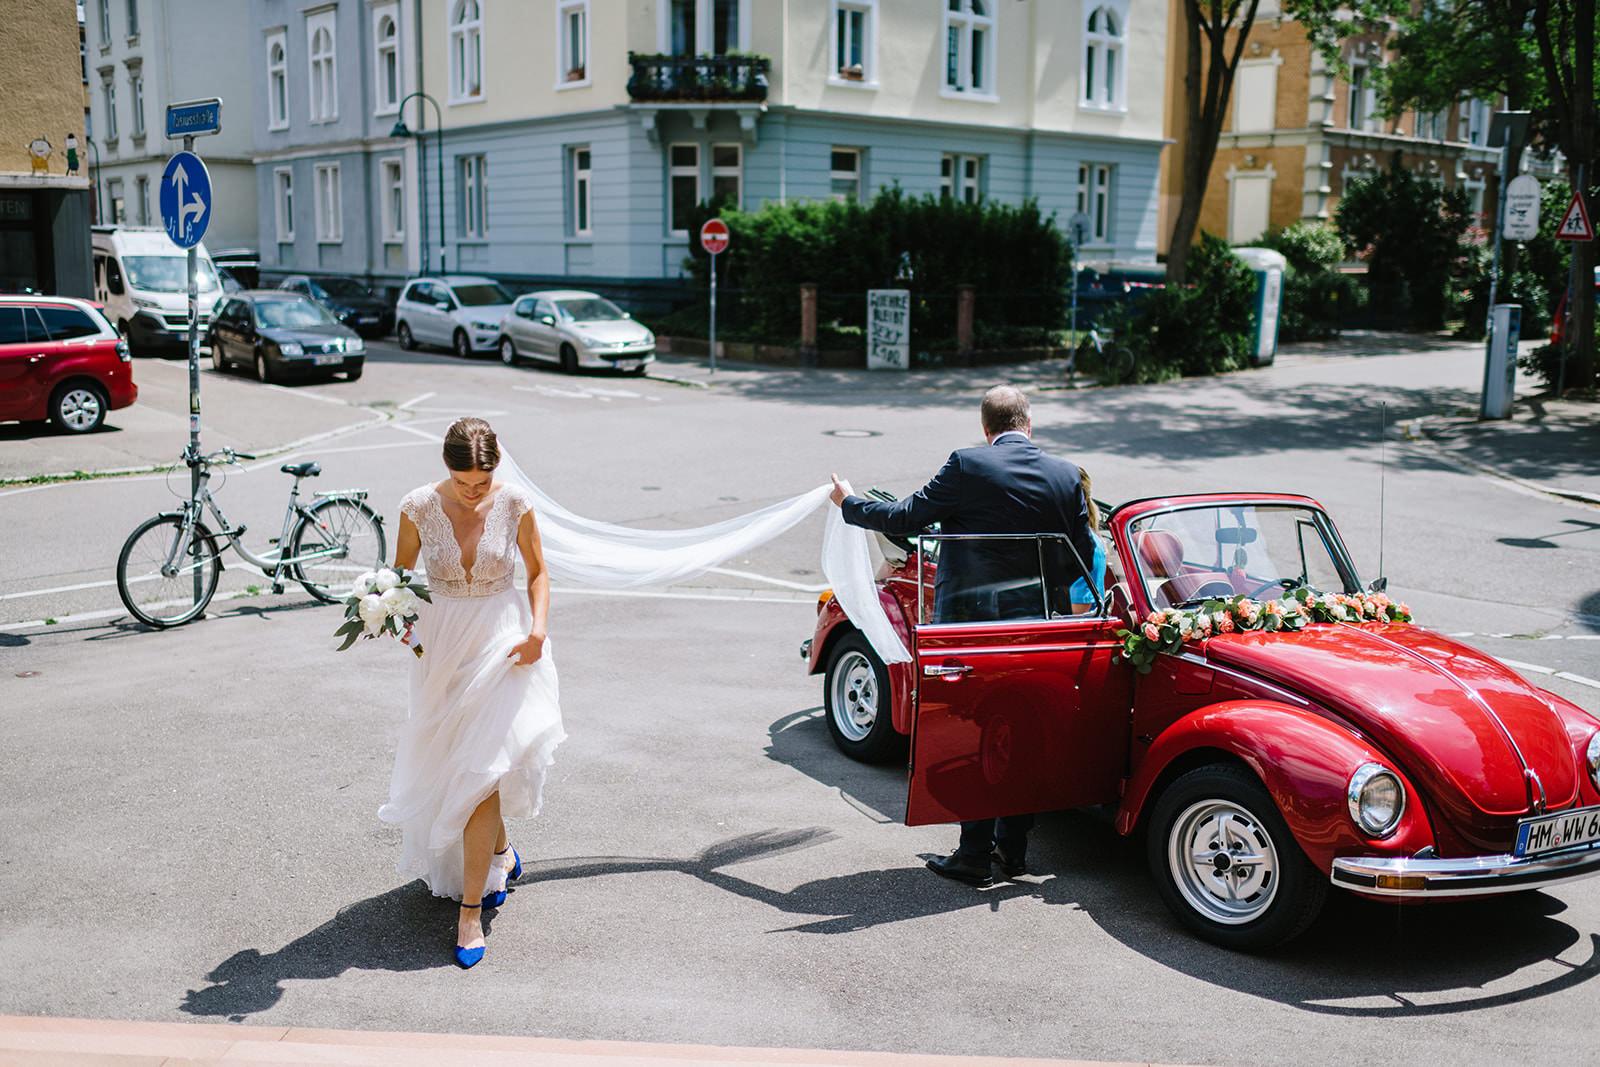 Fotograf Konstanz - Hochzeitsreportage Freiburg Hofgut Lilienhof Hochzeit Fotograf Konstanz 117 - Hochzeit in Freiburg und Hofgut Lilienhof  - 110 -